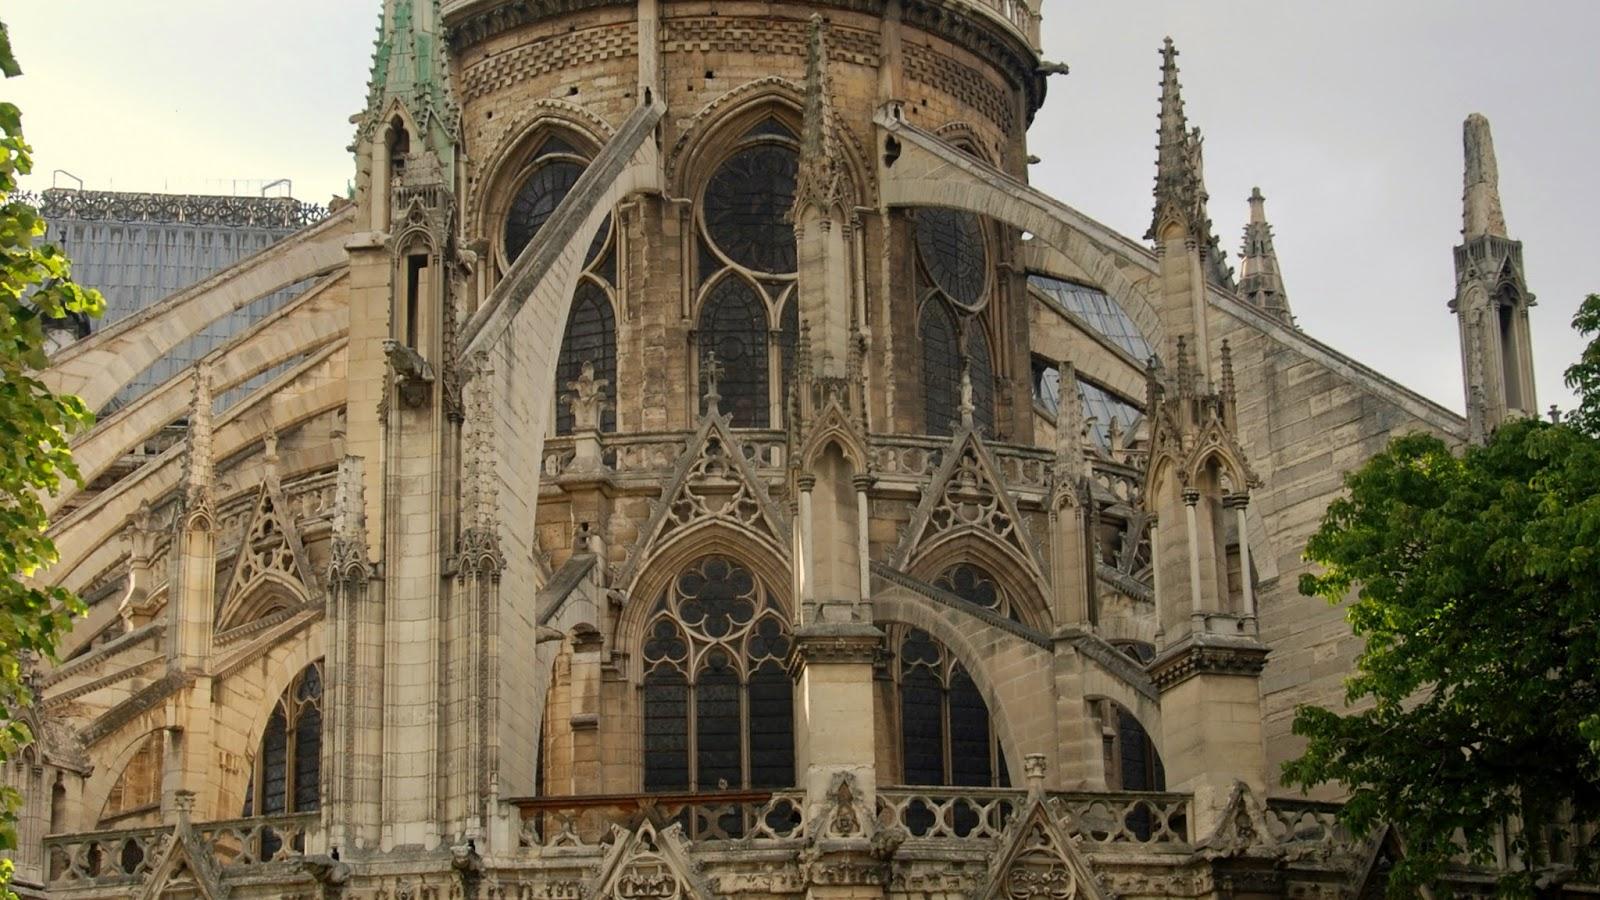 Sistemas de Arbotantes y contrafuertes en el Ábside de Notre Dame, París